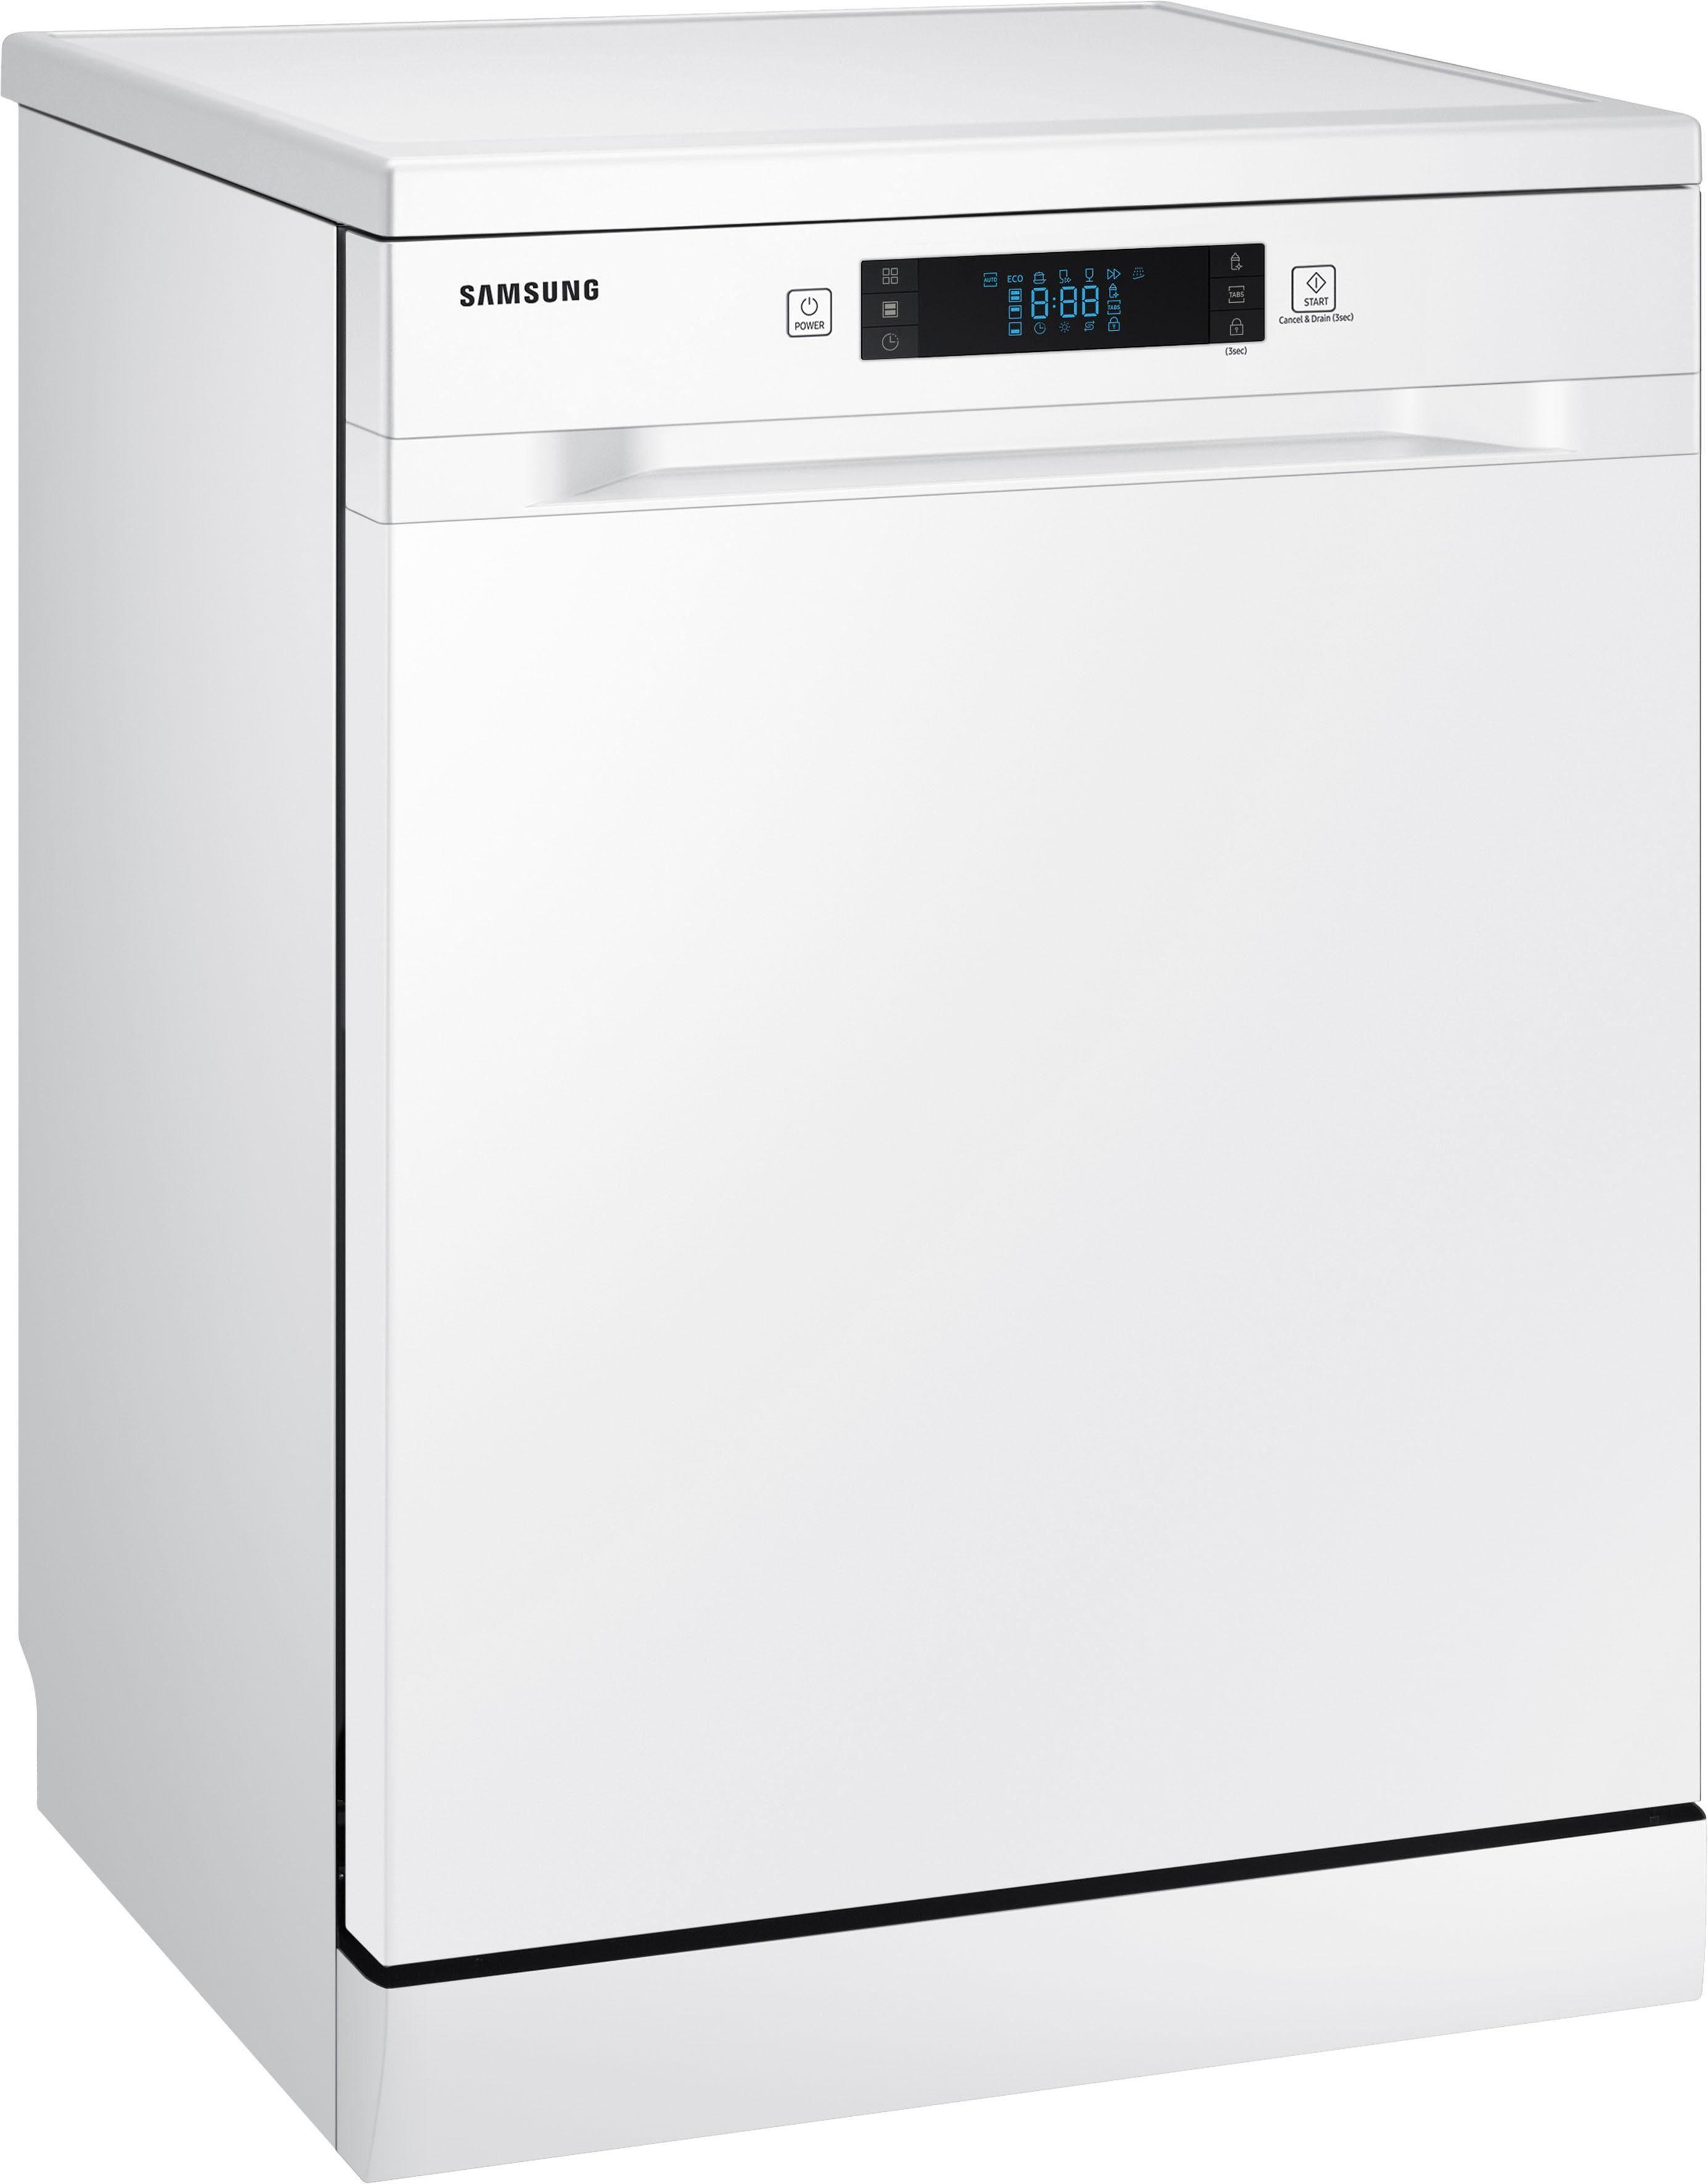 Samsung Standgeschirrspüler DW5500, DW60M6050FW/EC, 10,5 l, 14 Maßgedecke - Samsung